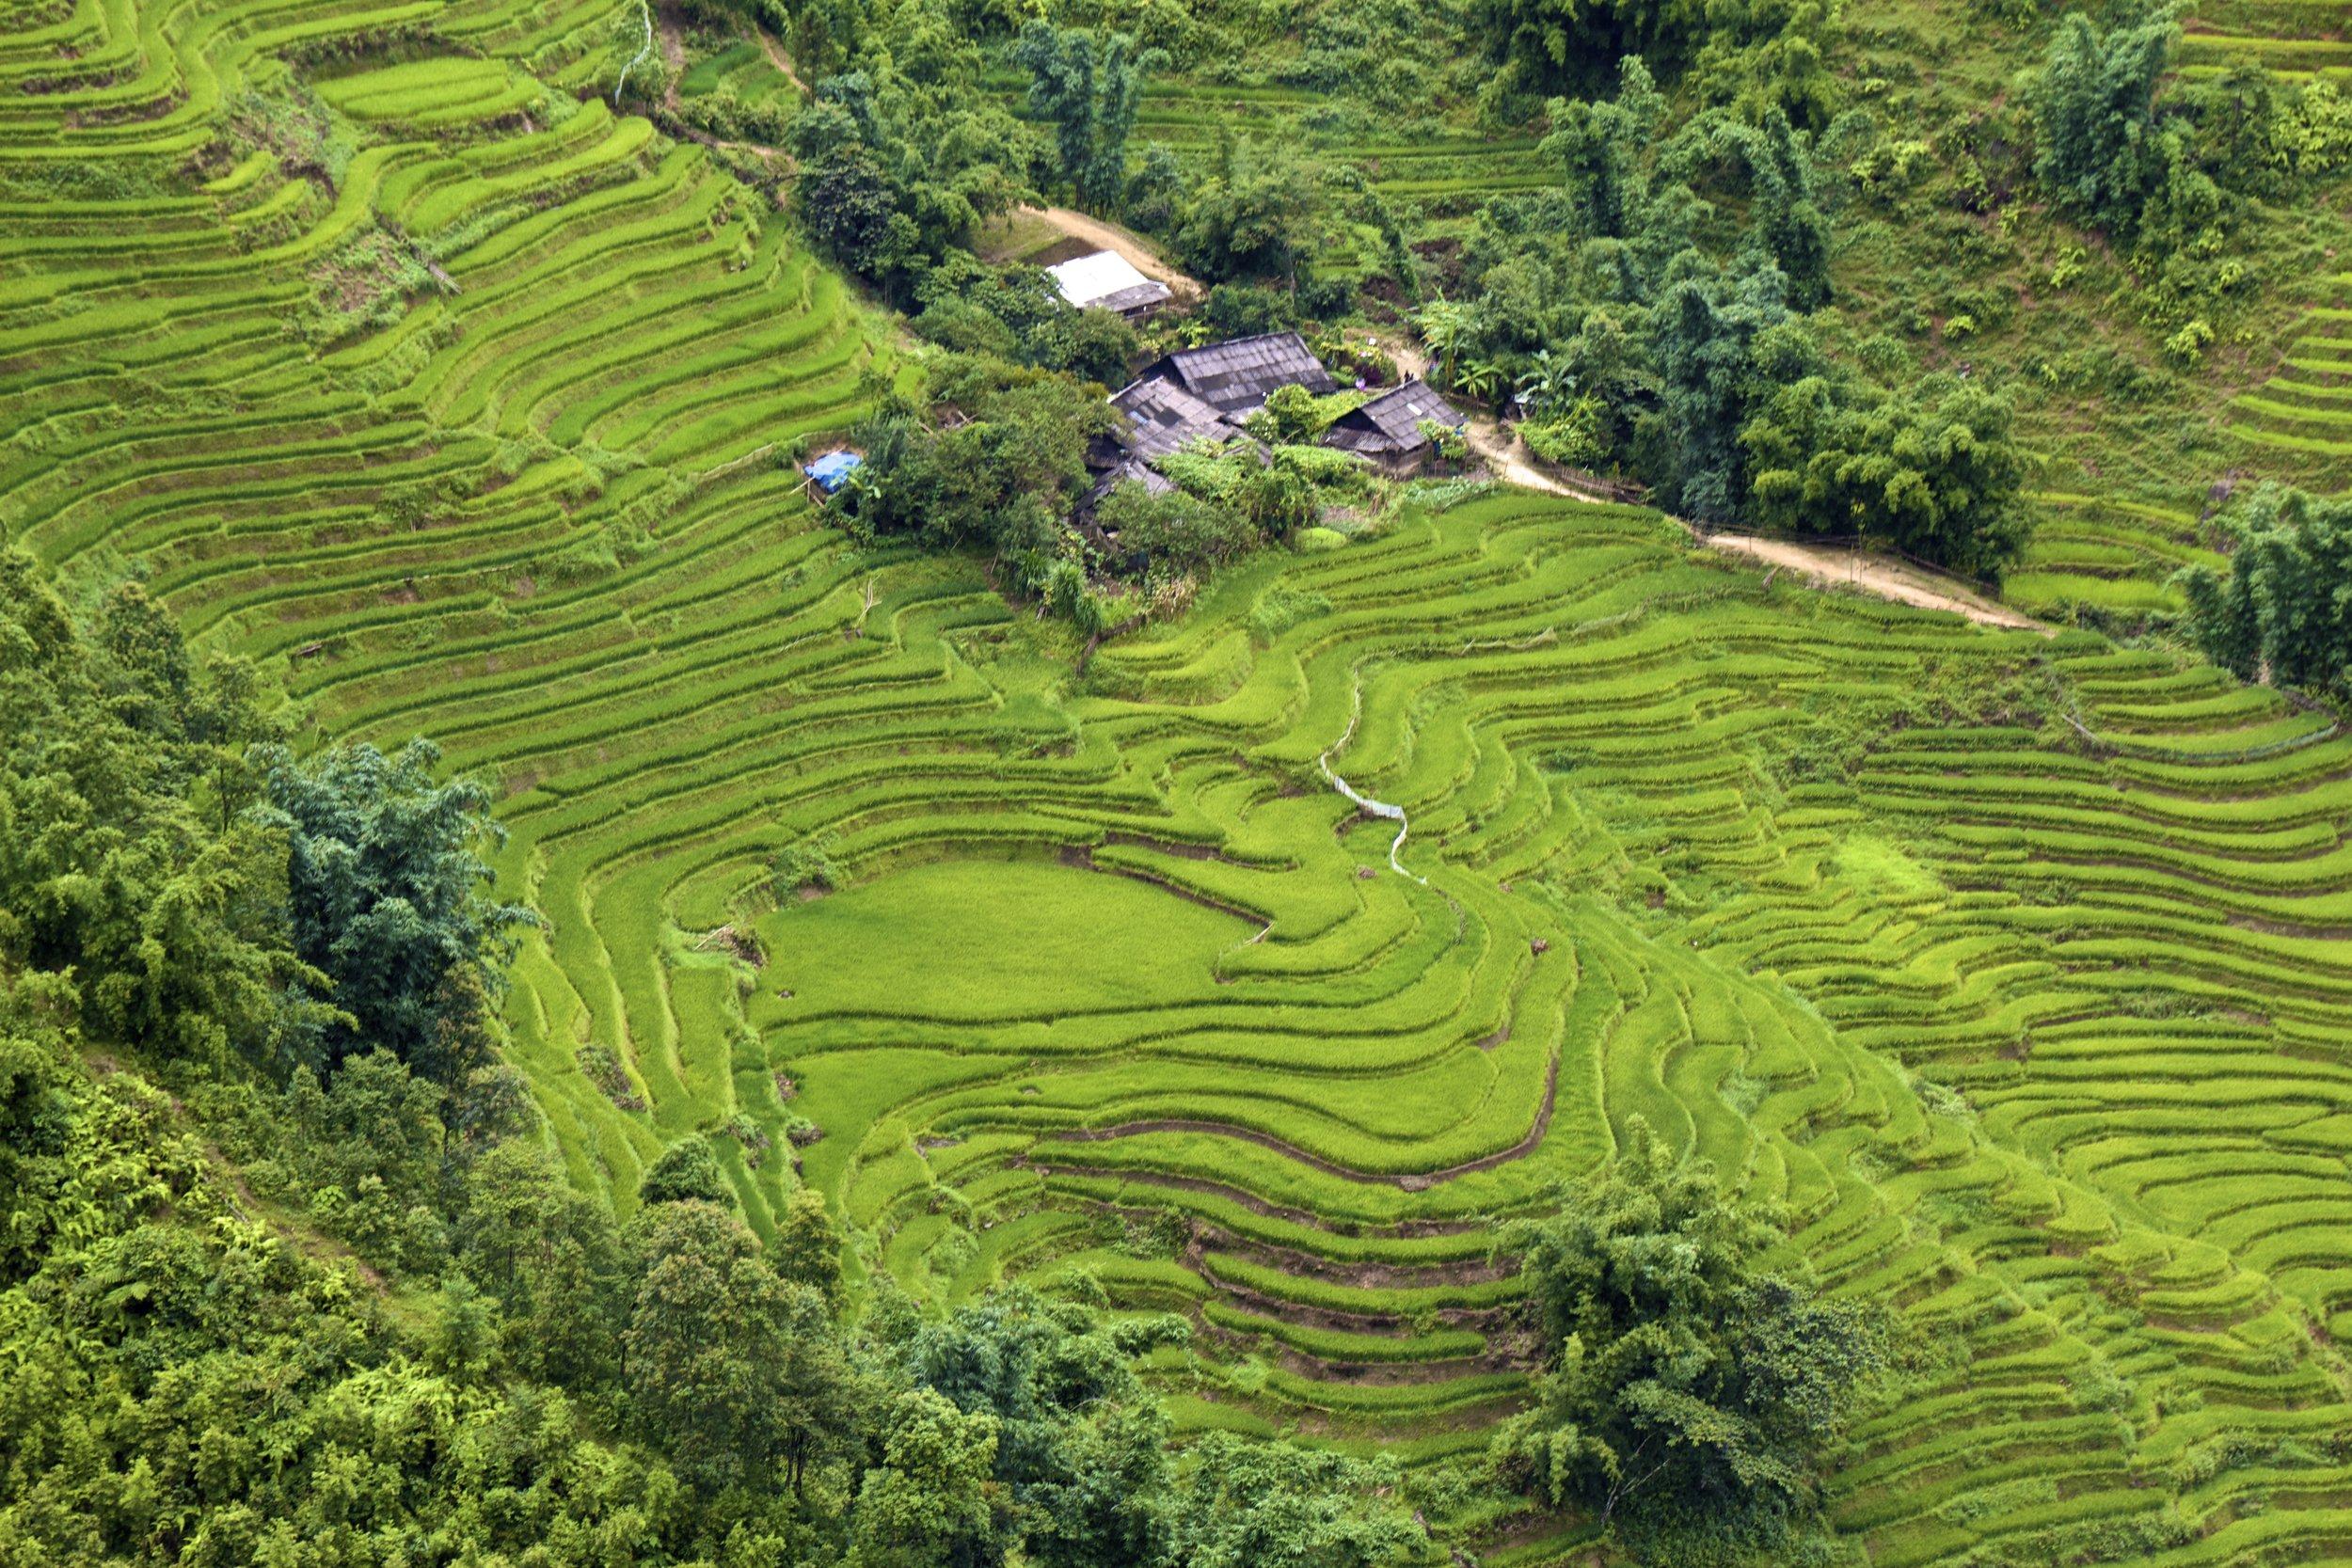 sa pa lao cai vietnam rice paddies 38.jpg